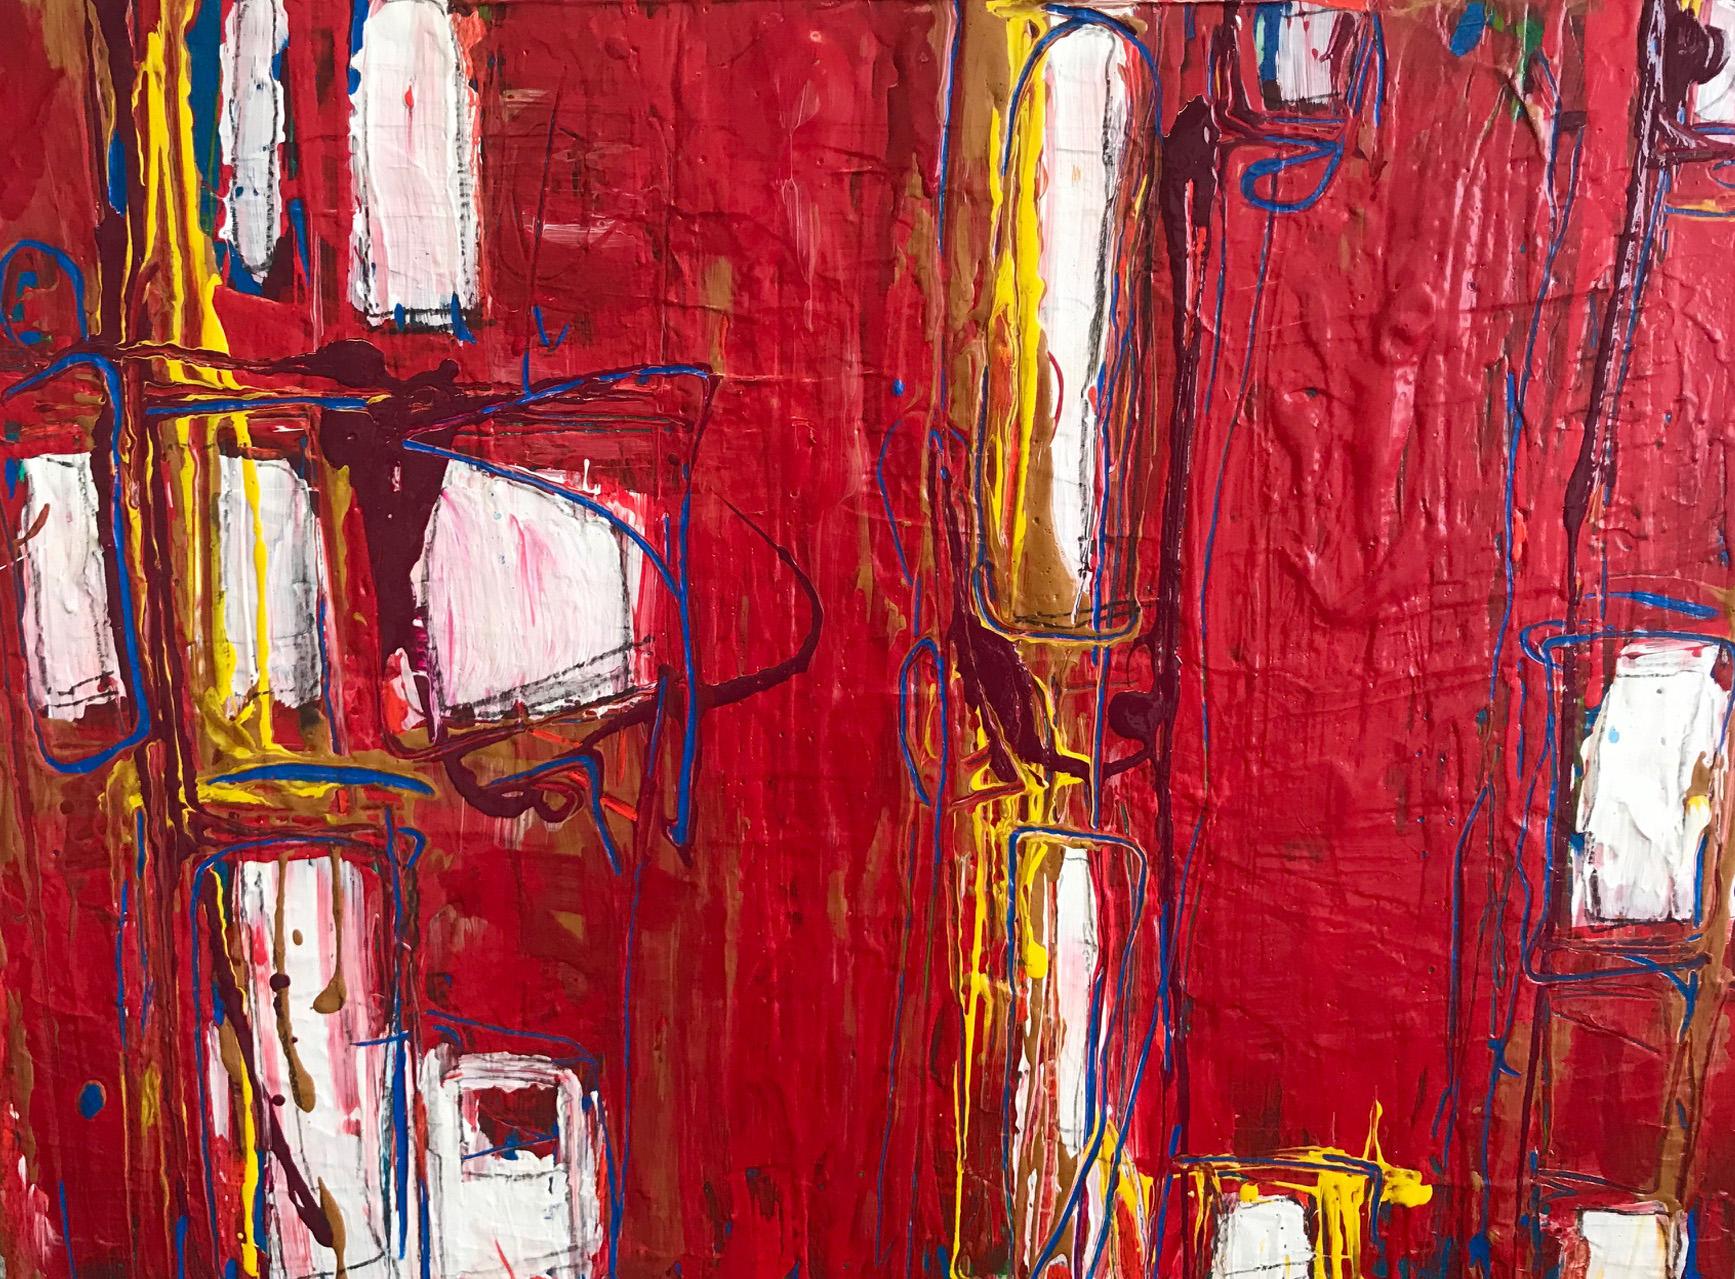 """Untitled, acrylic, gels on canvas board, 18"""" x 24"""" (framed 32x26)"""